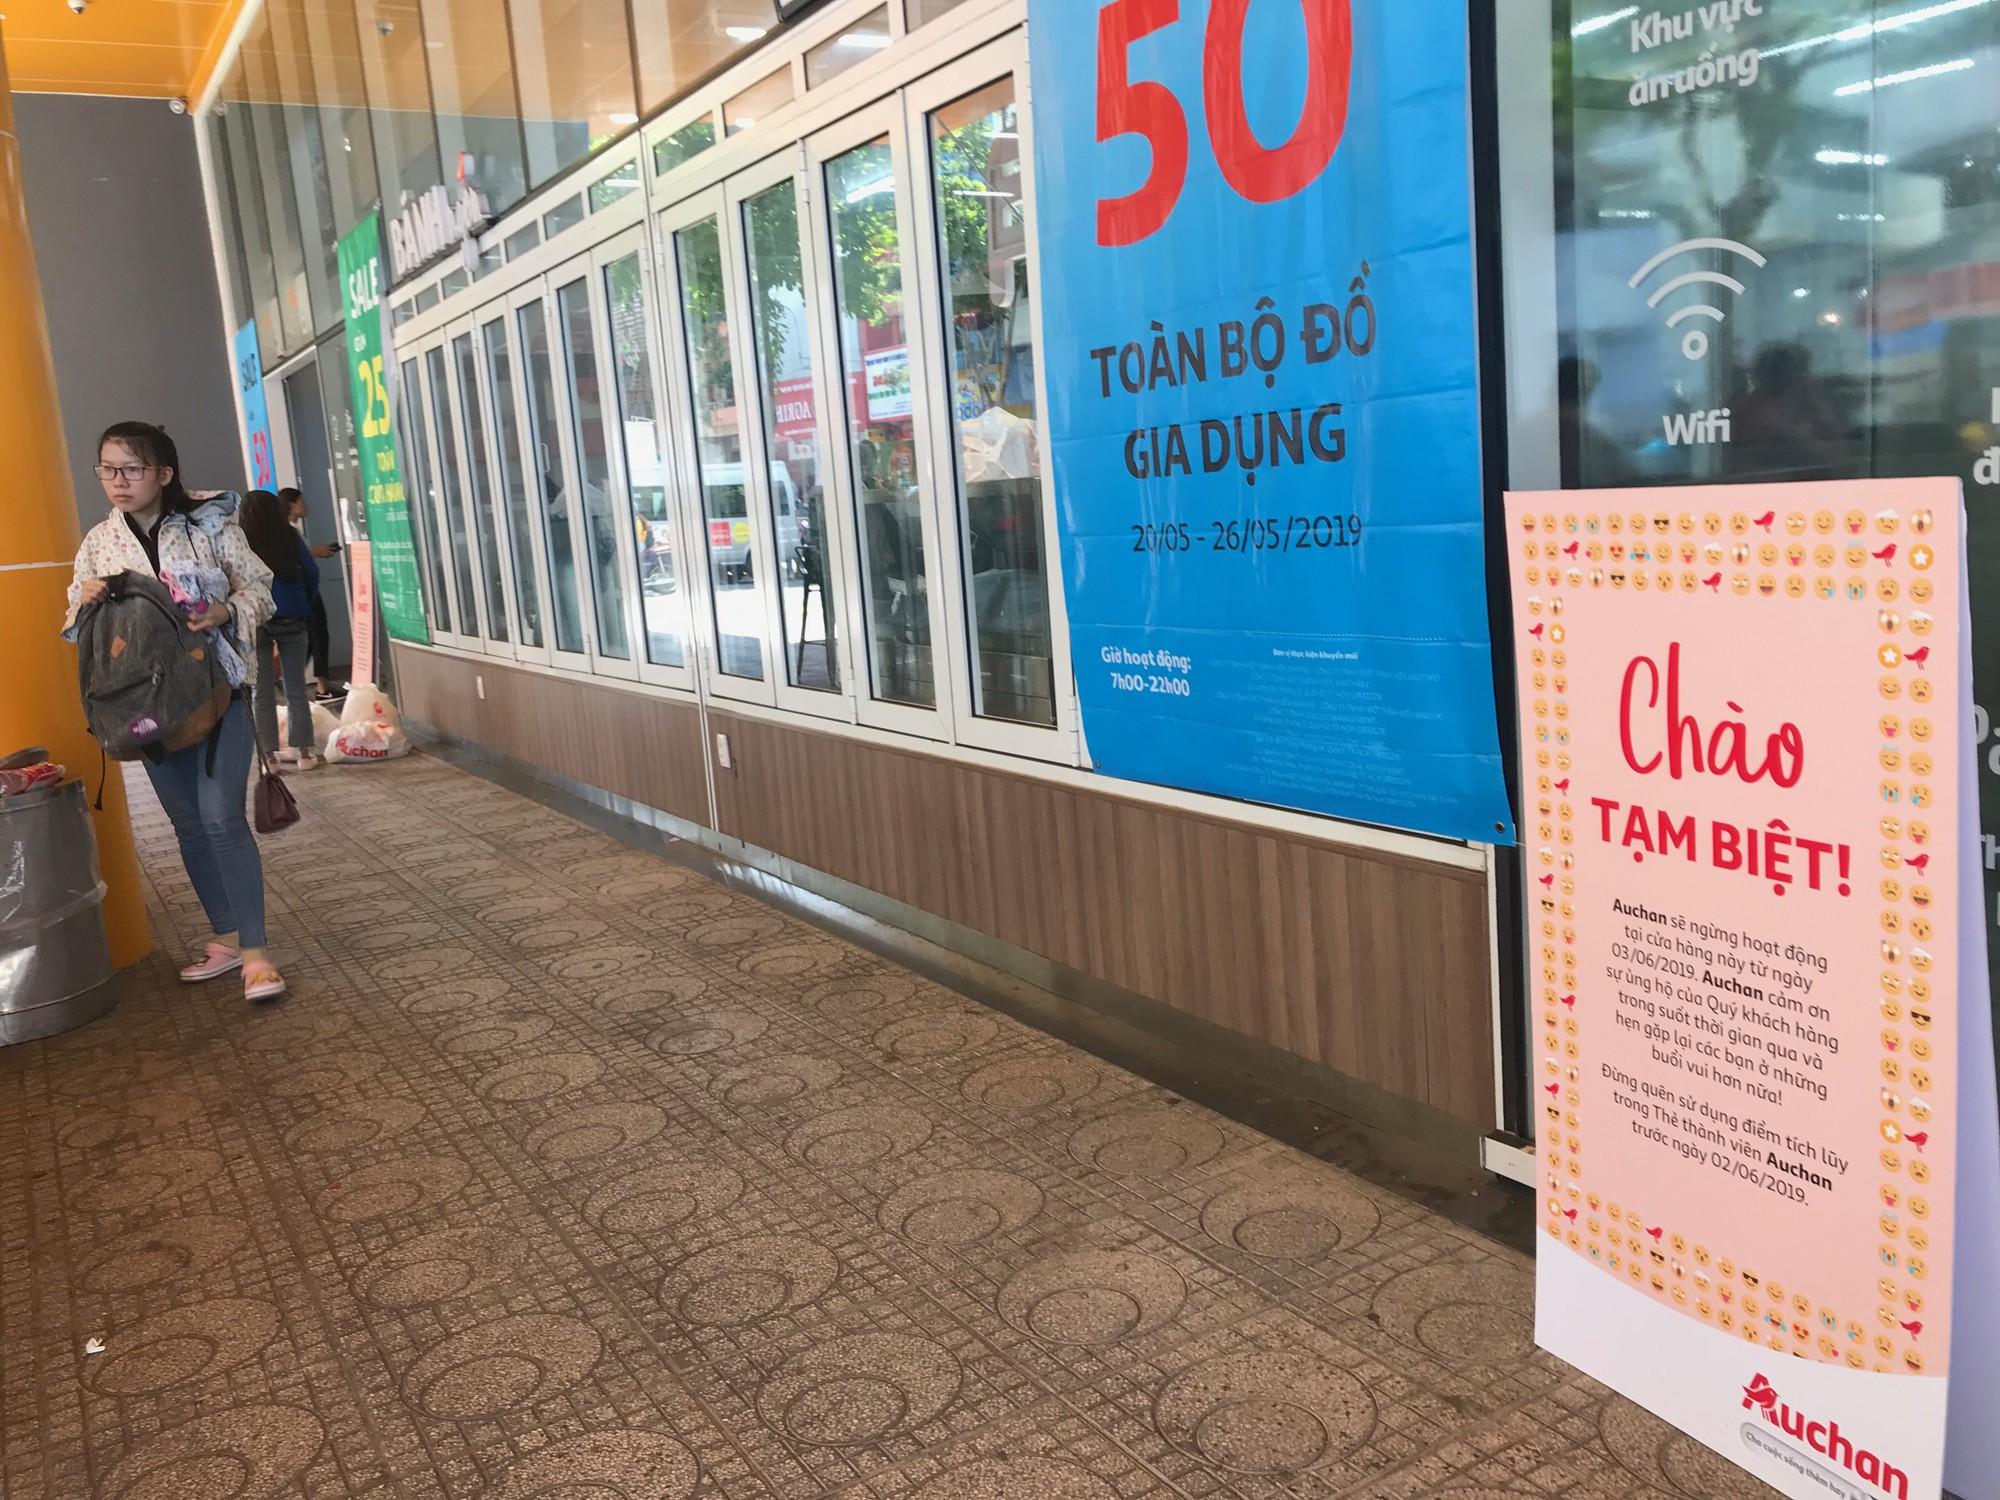 Auchan xả hàng trước khi tháo chạy khỏi Việt Nam, người dân ồ ạt vét sạch siêu thị, chờ hàng giờ chưa được thanh toán  - Ảnh 7.